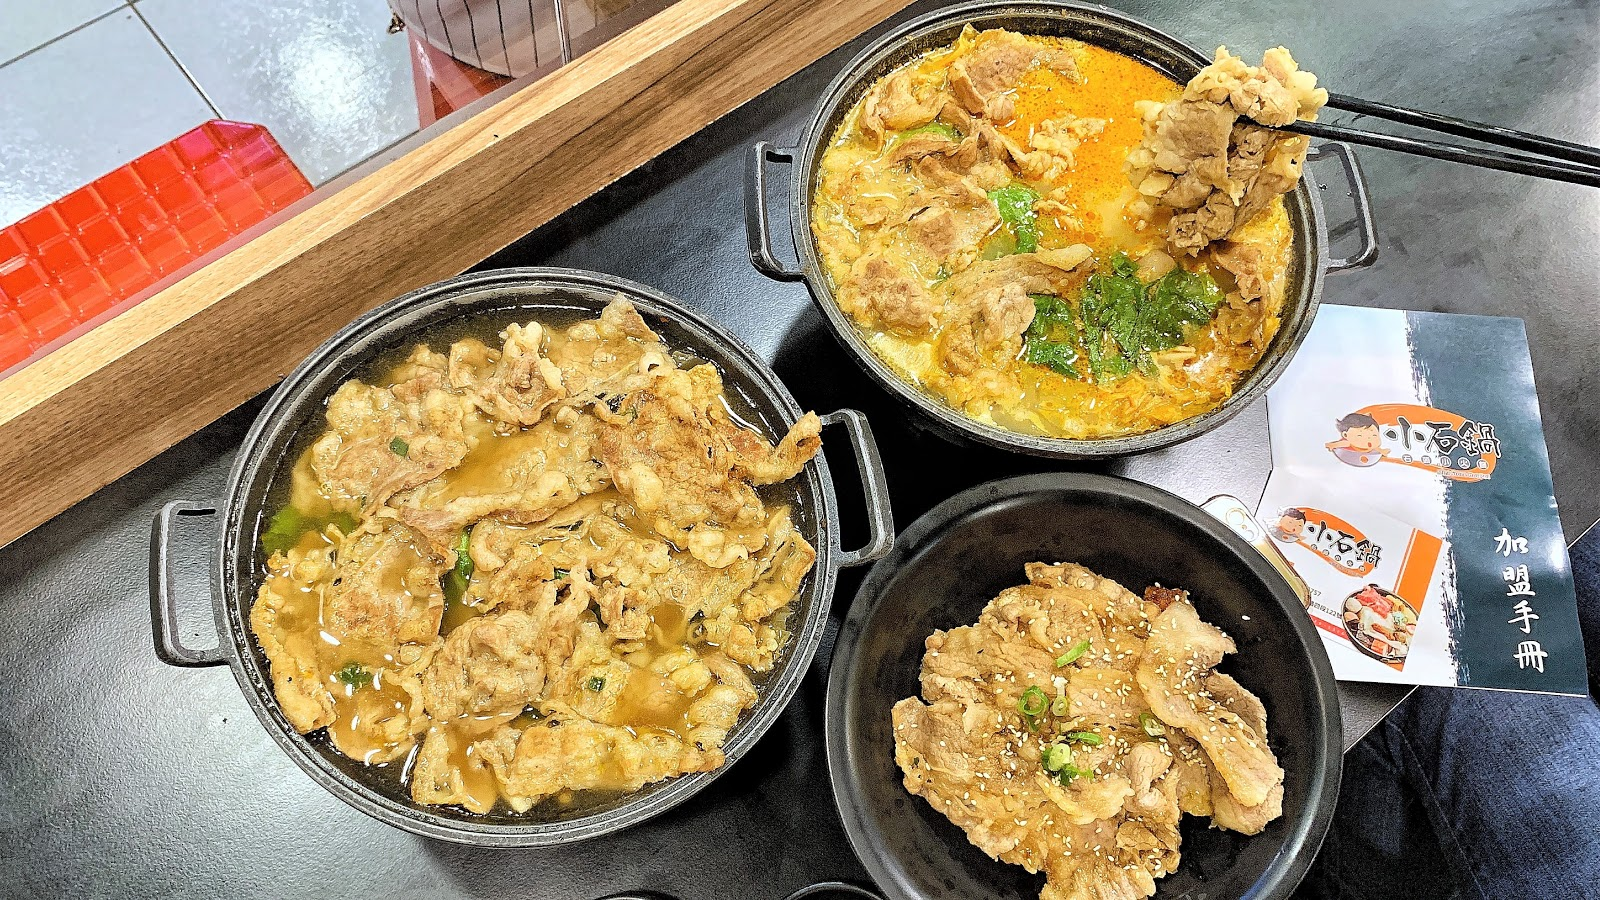 台南北區美食【小石鍋】超人氣平價燒肉火鍋,還可以霜淇淋吃到飽喲!